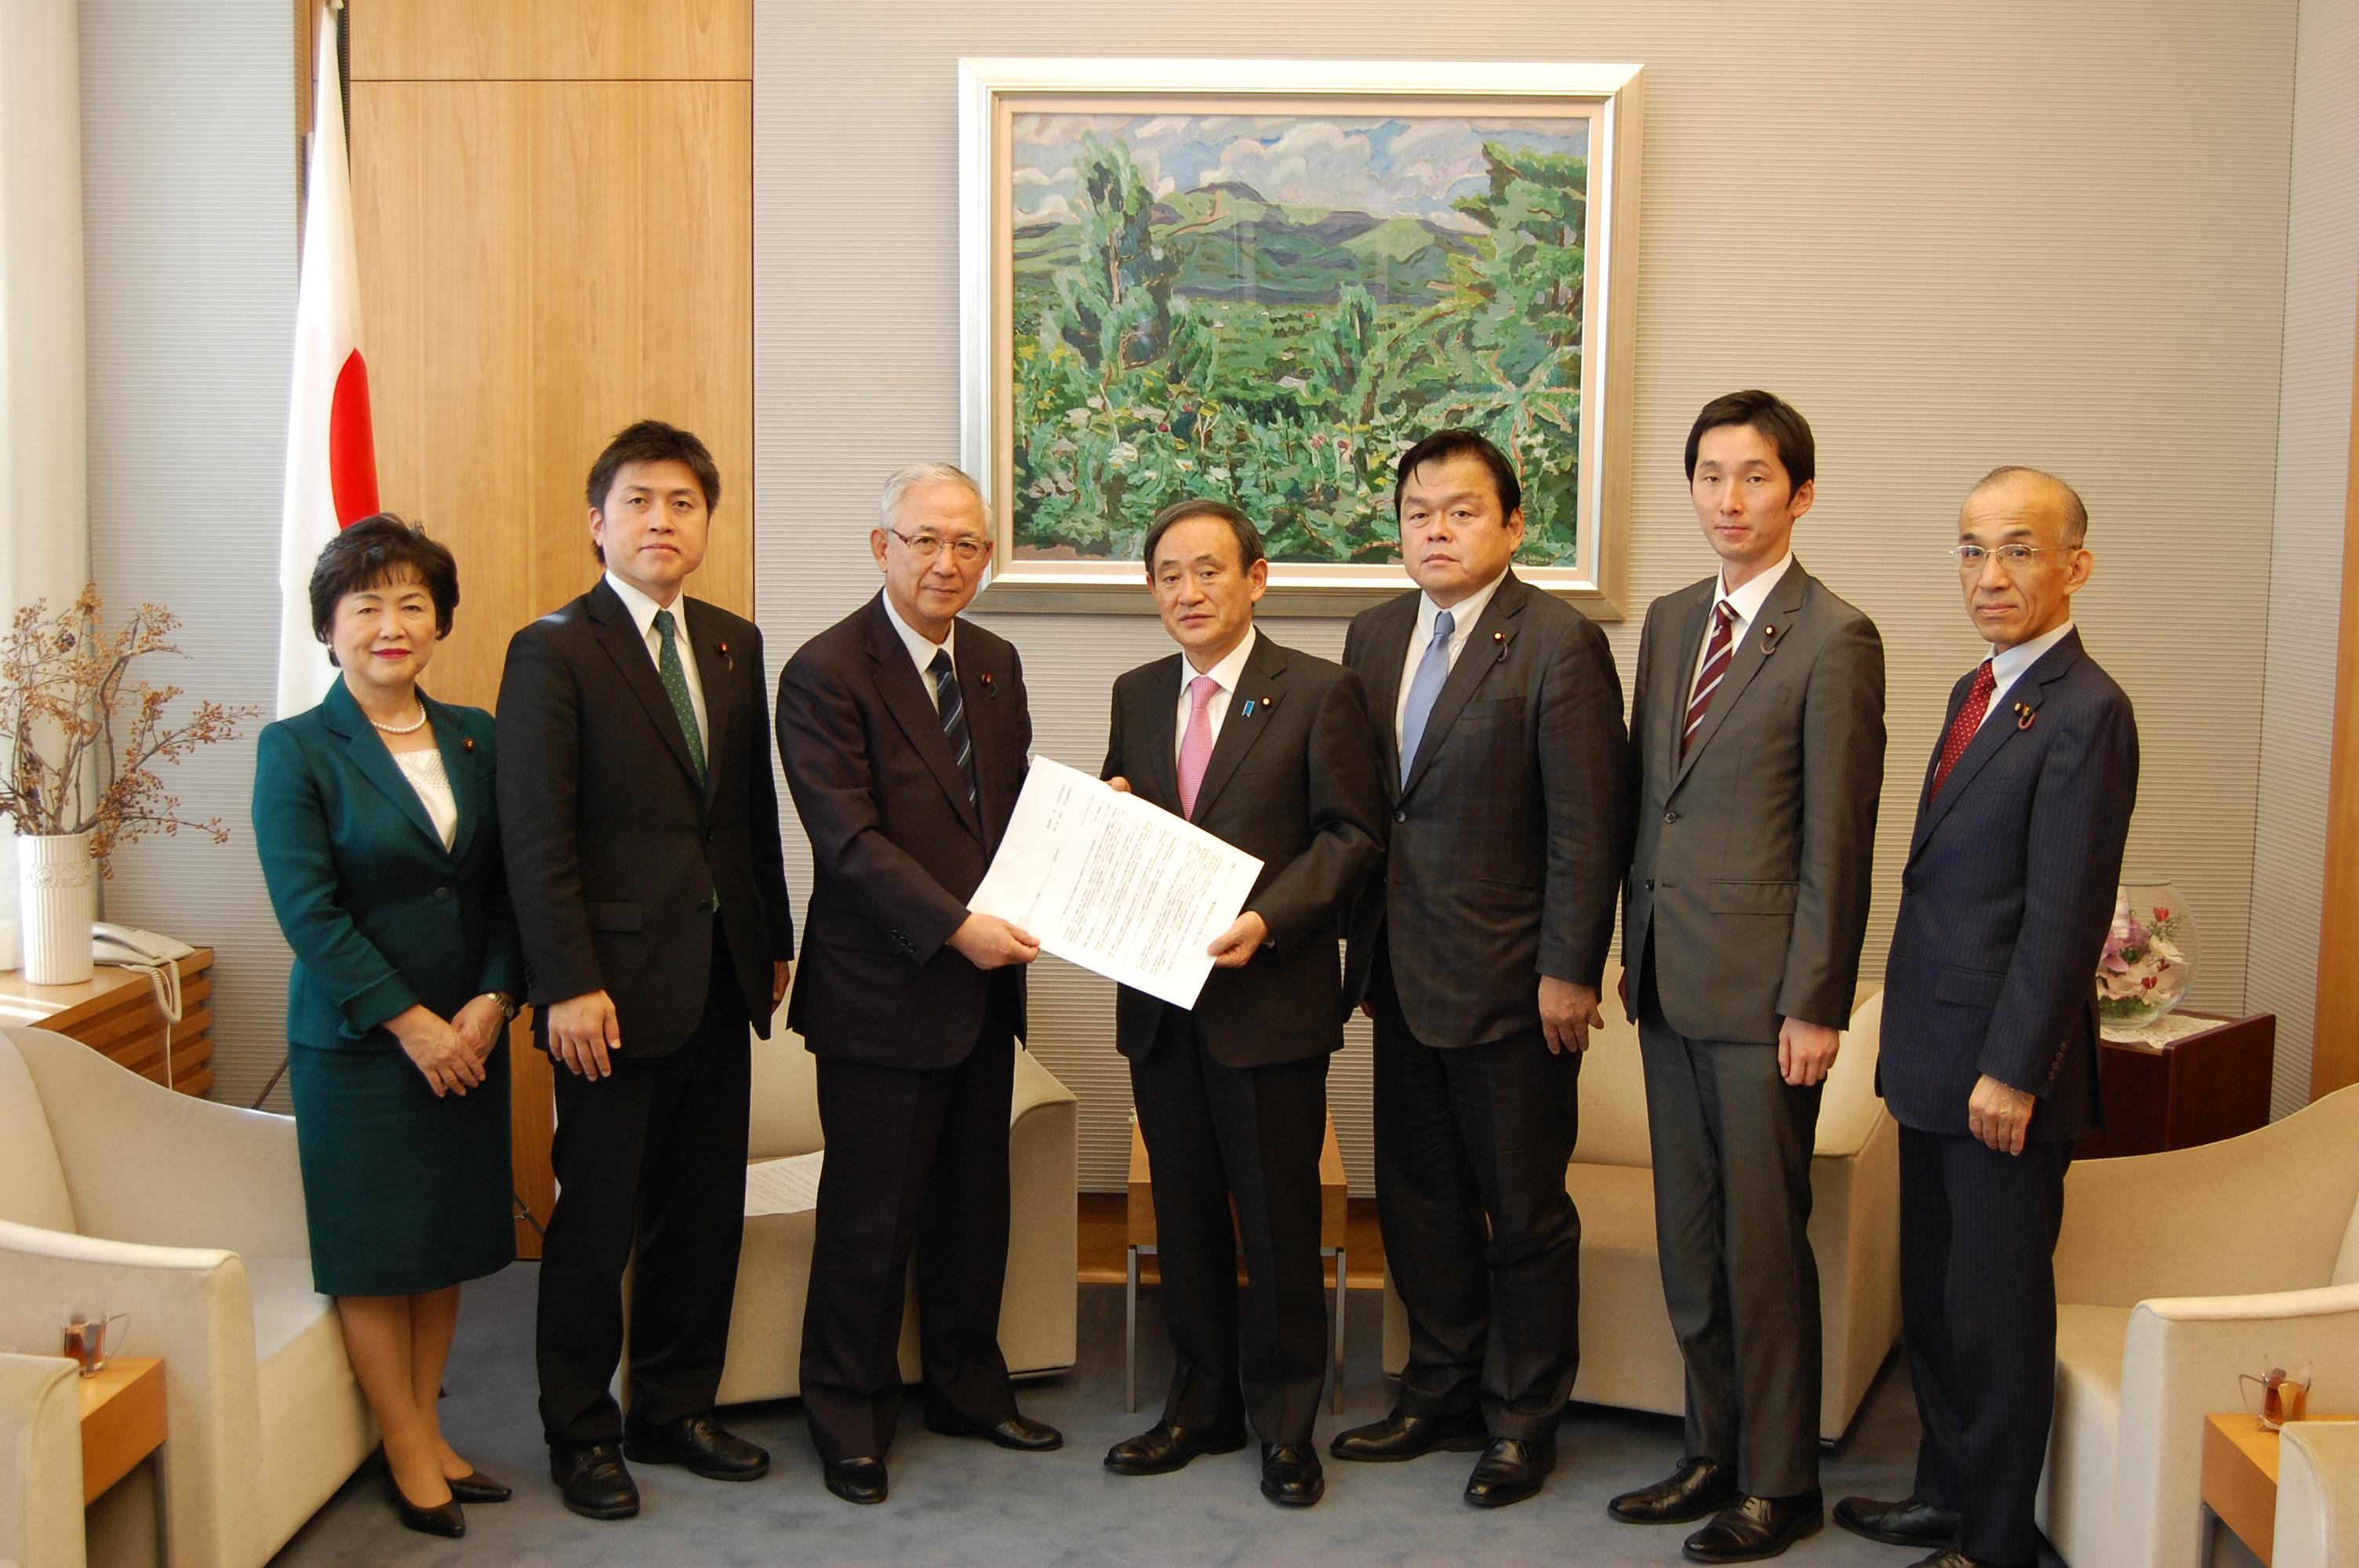 福島イノベーションコースト構想について要望